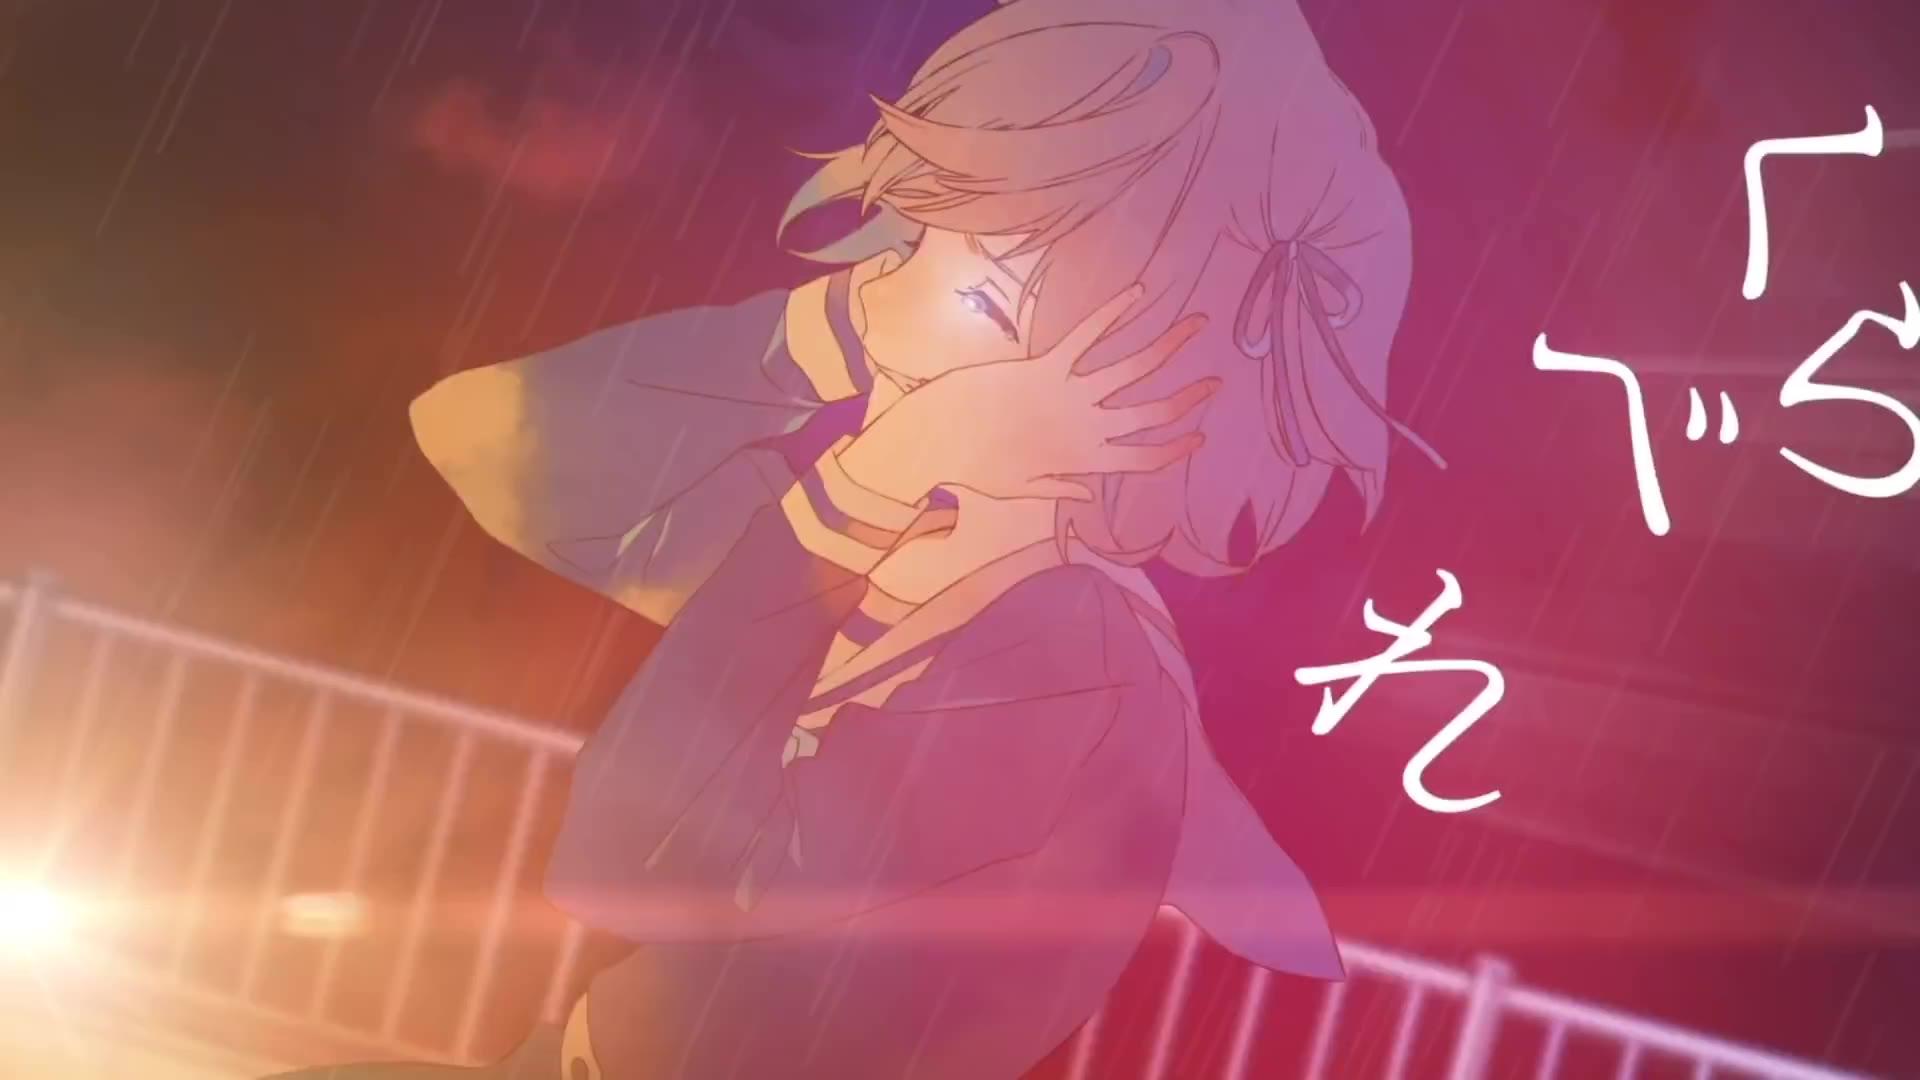 ツユ - くらべられっ子 (TUYU Remix) MV